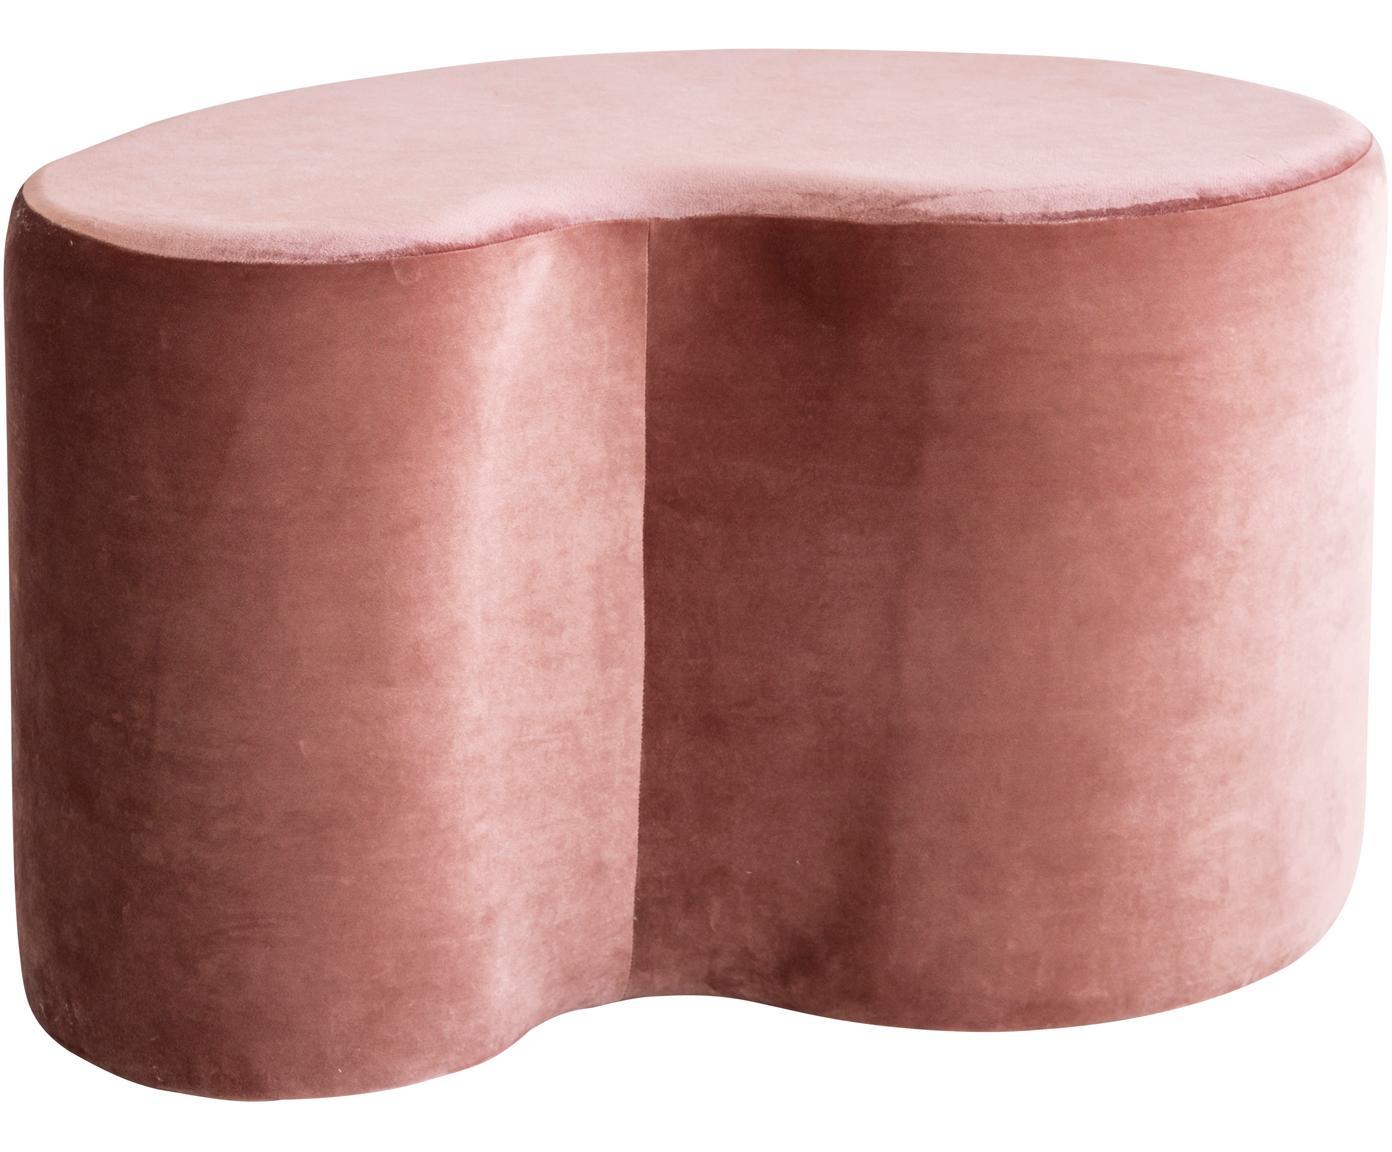 Lśniący puf z aksamitu Cloe, Tapicerka: poliester (aksamit), Blady różowy, S 80 x G 50 cm